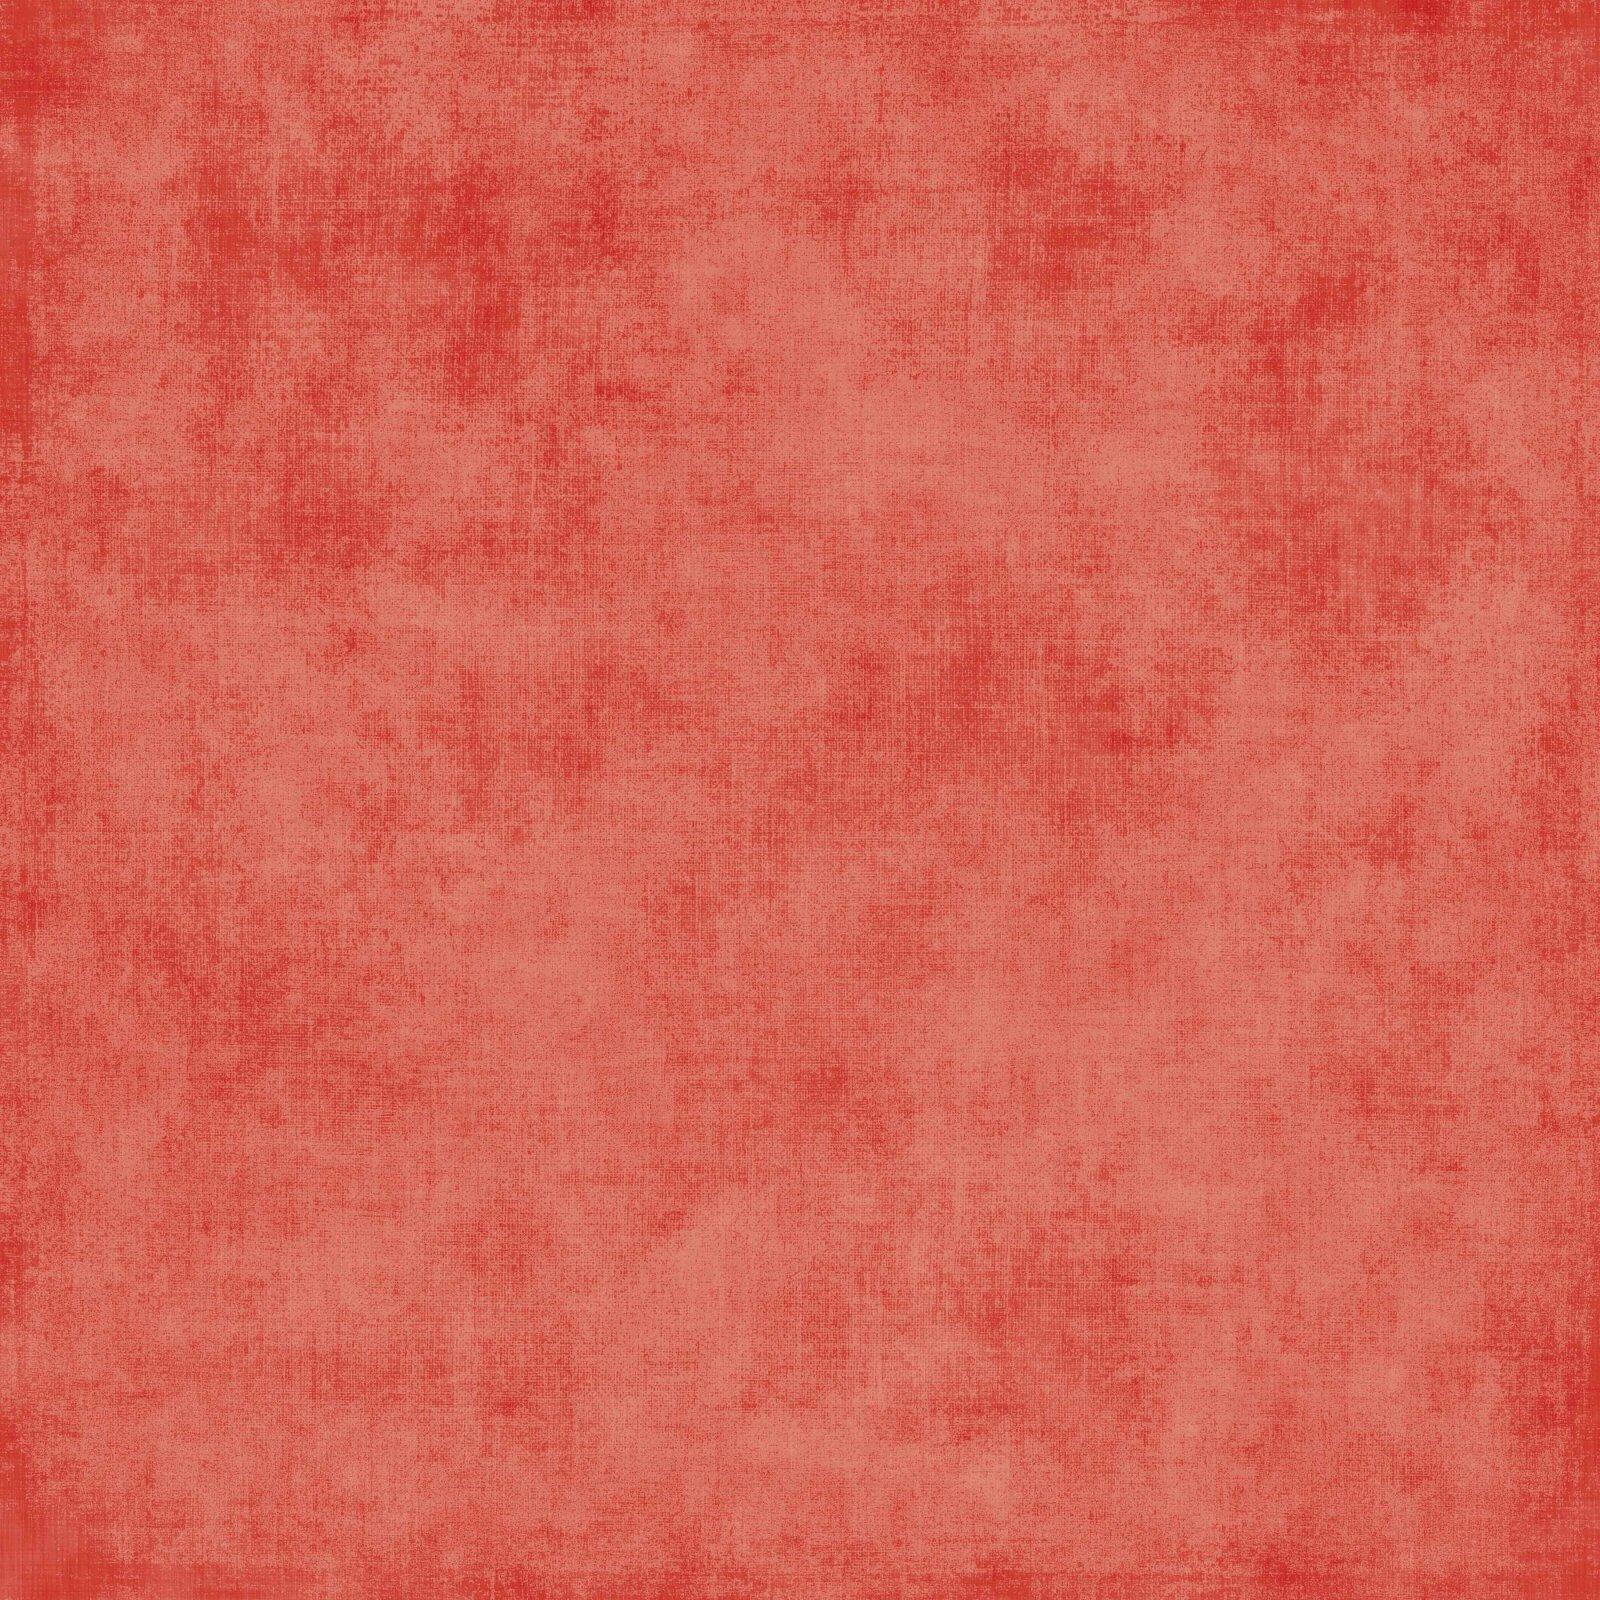 Basic Shade - Paprika Fabric